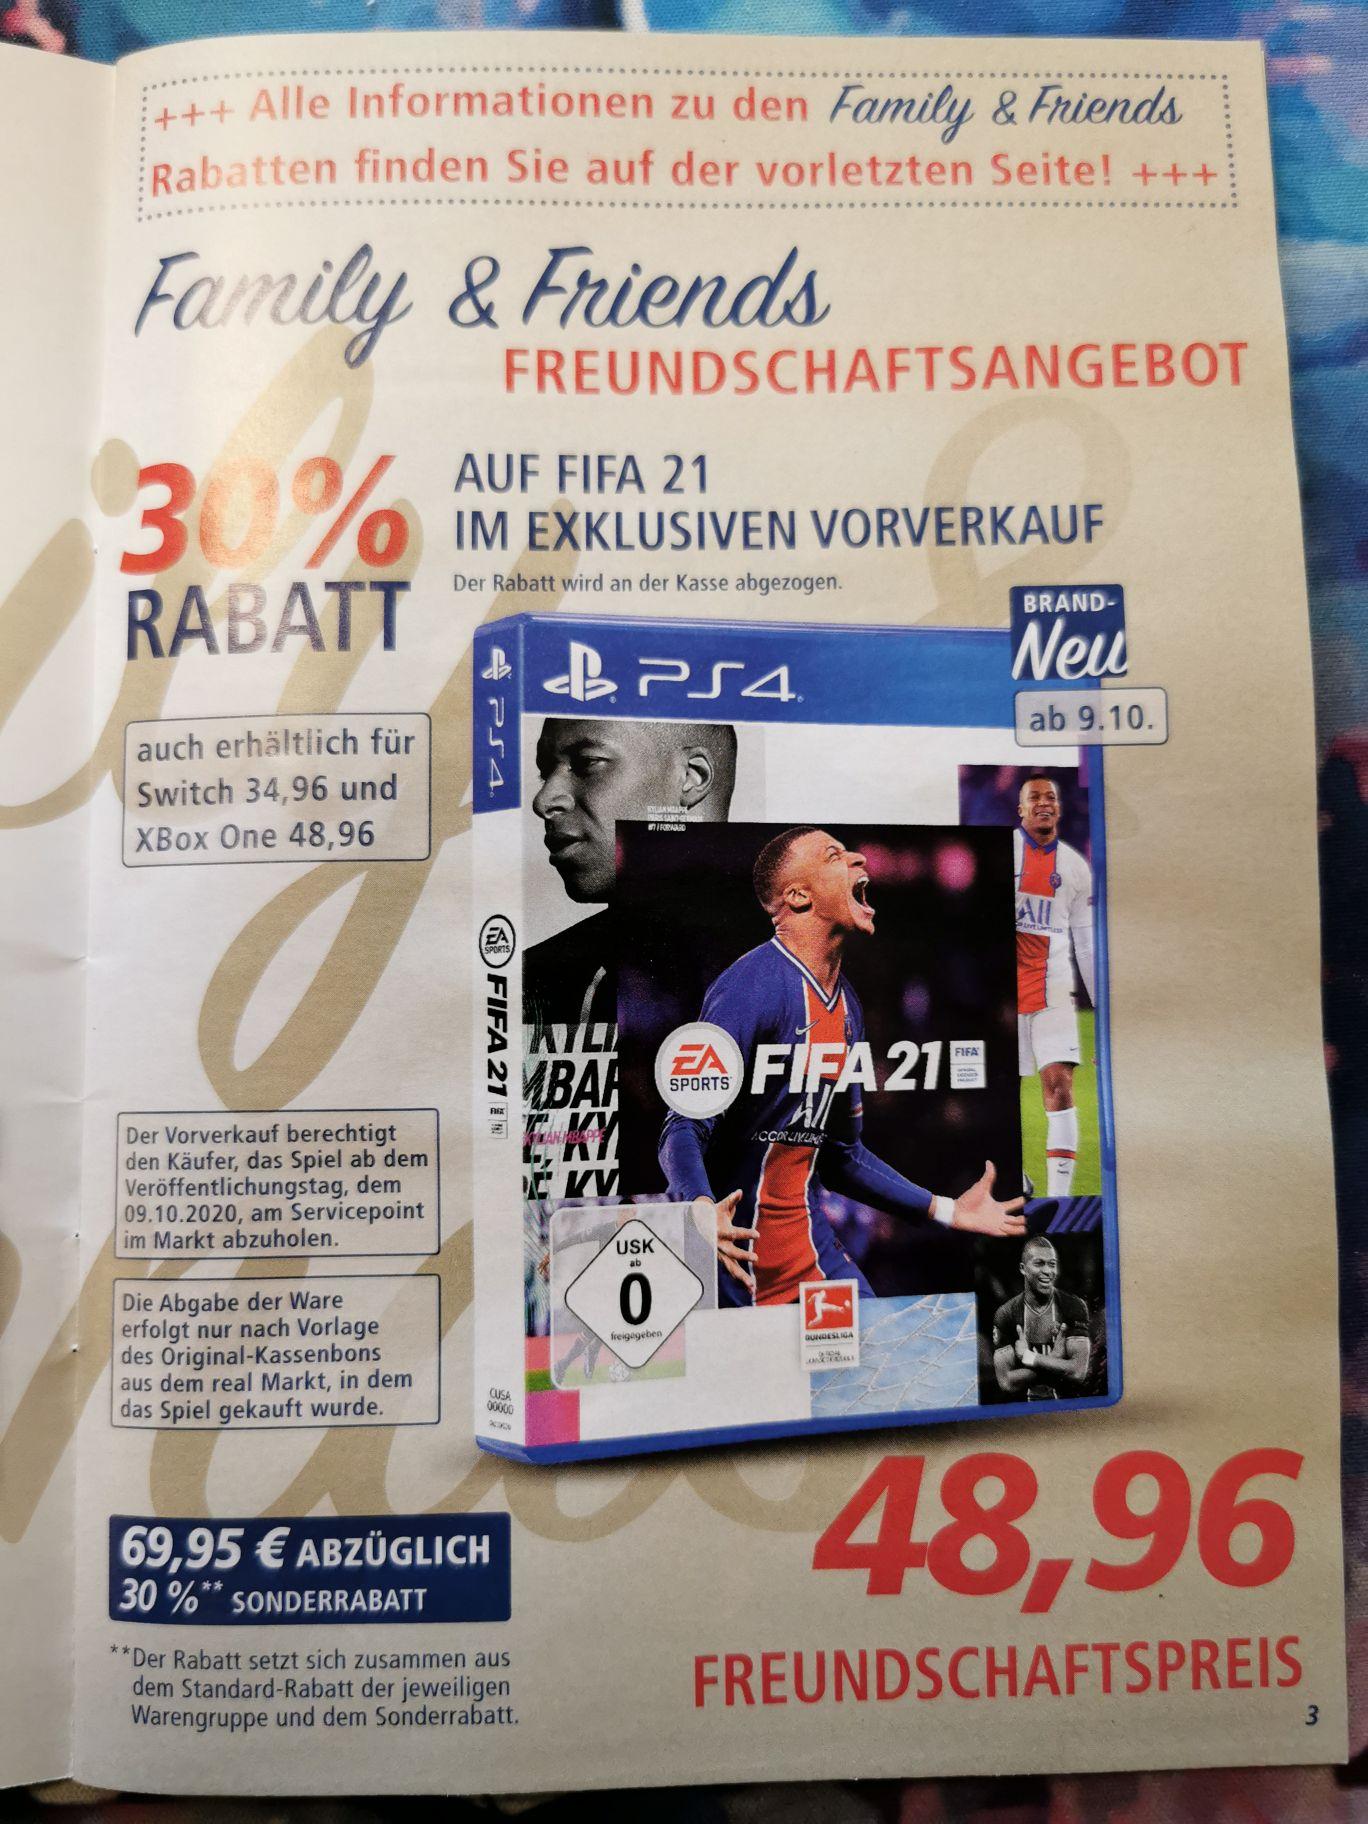 [REAL F&F] FIFA 21 PS4 für 48,96, Switch für 34,96, Xbox 48,96